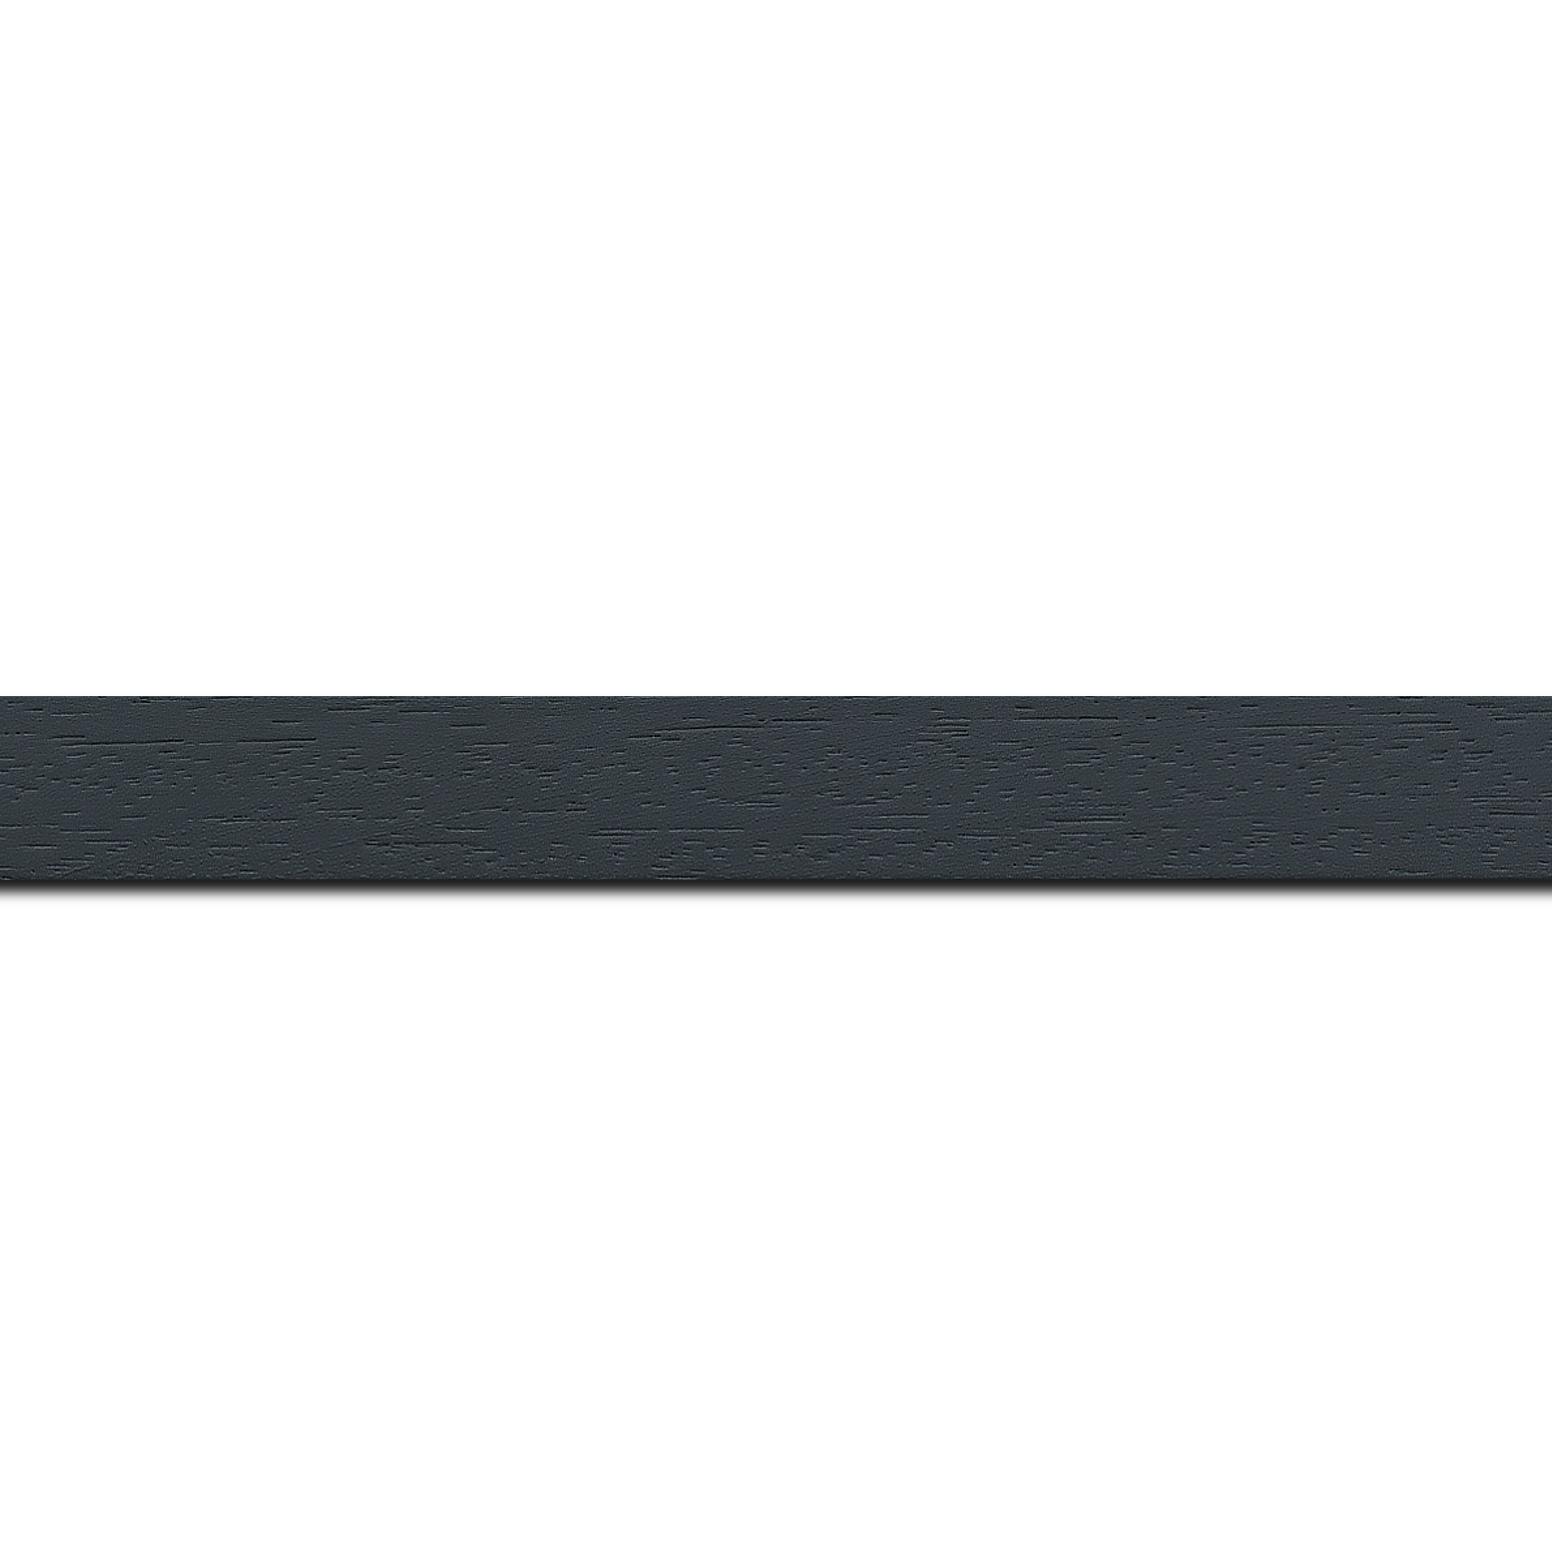 Baguette longueur 1.40m bois profil plat largeur 2cm couleur gris foncé satiné